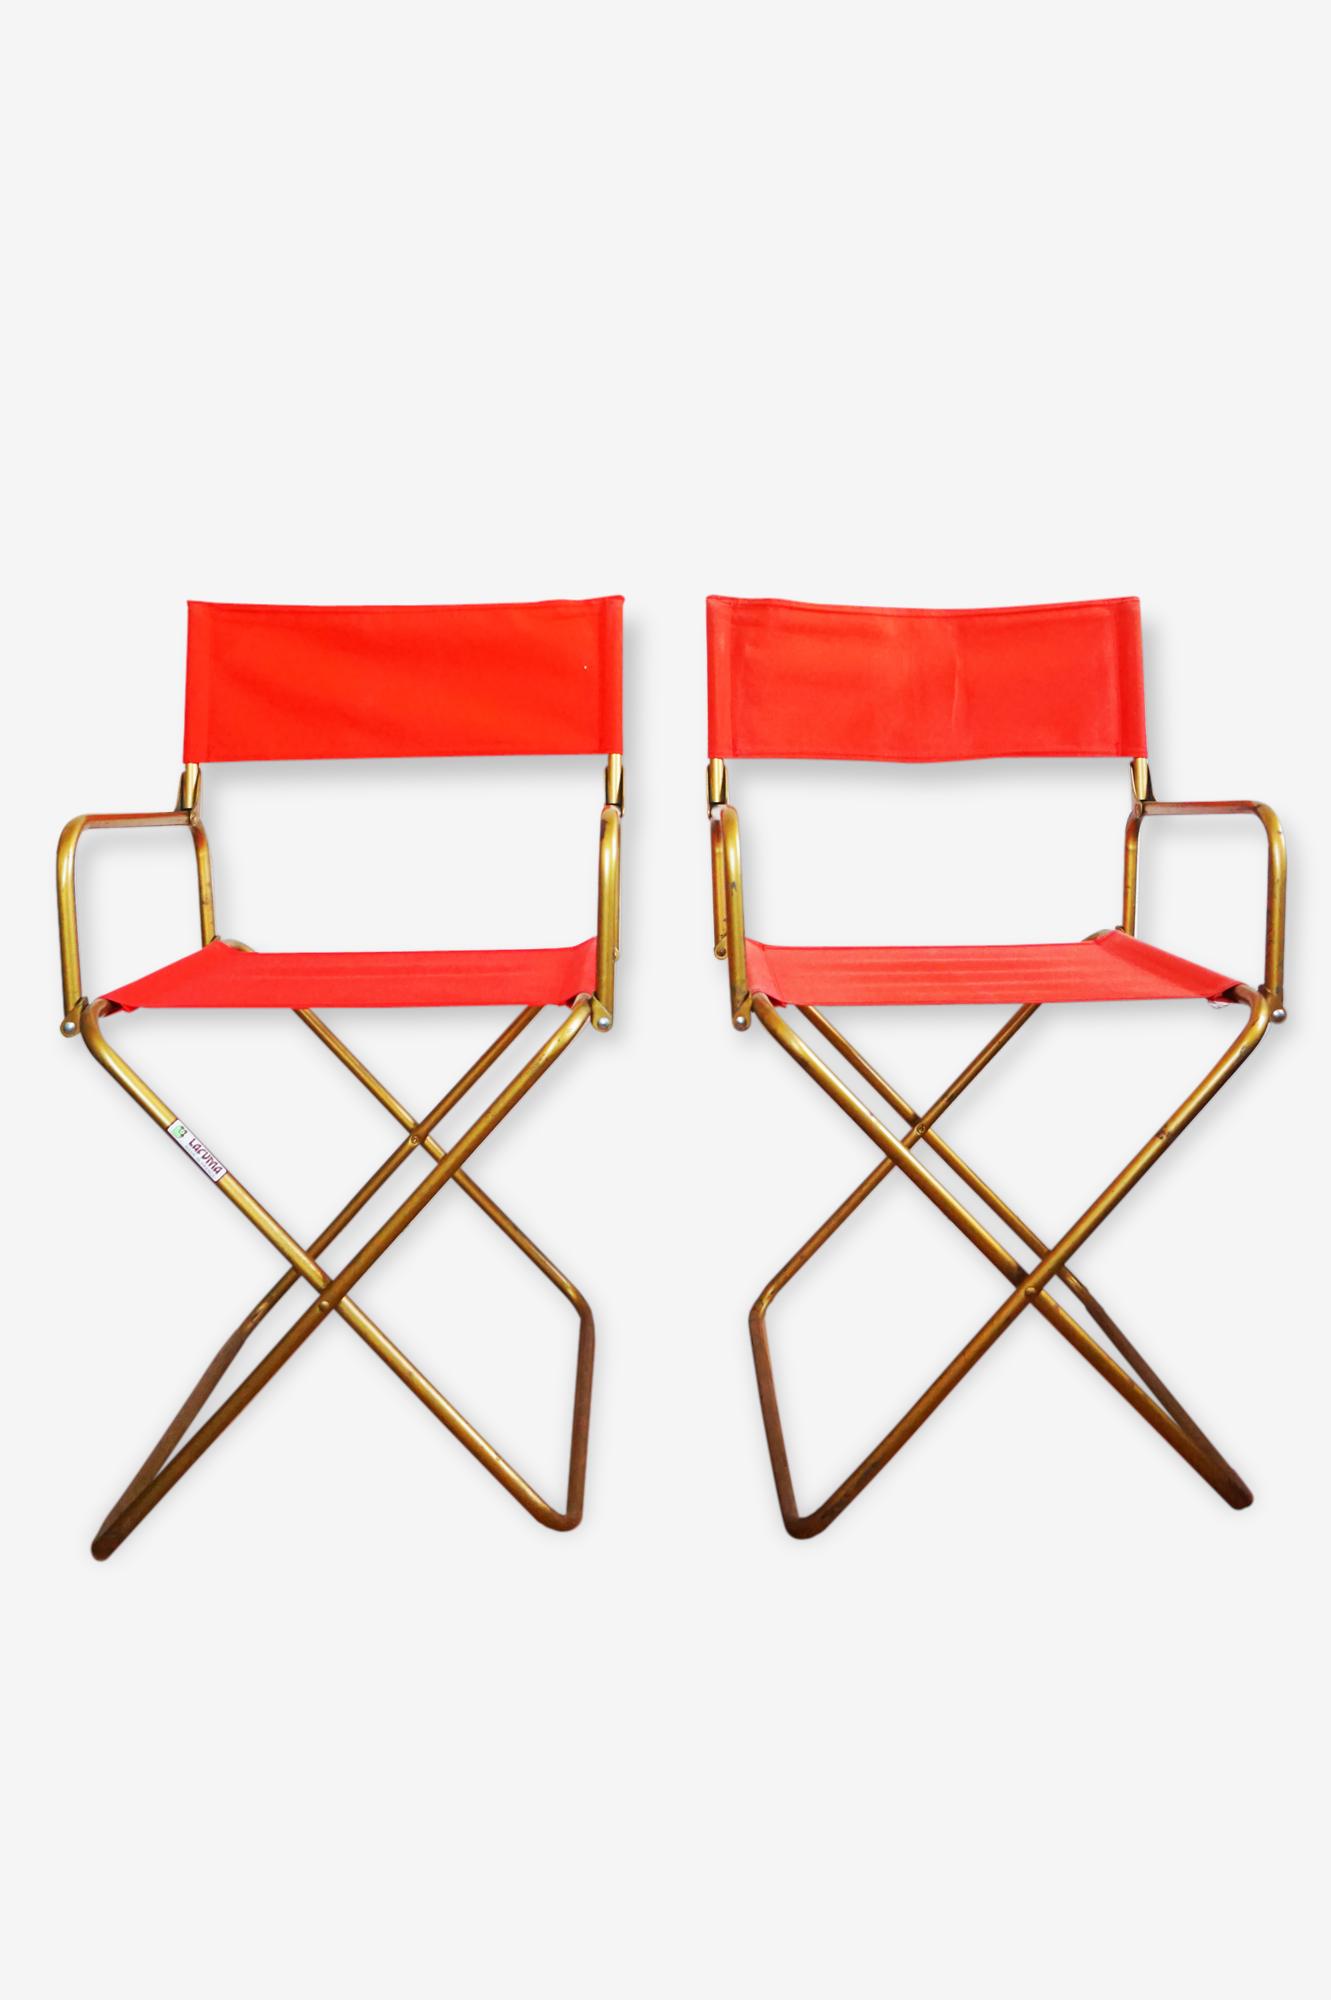 Deux Chaises Fauteuils Pliantes Lafuma Vintage Rouge Laiton